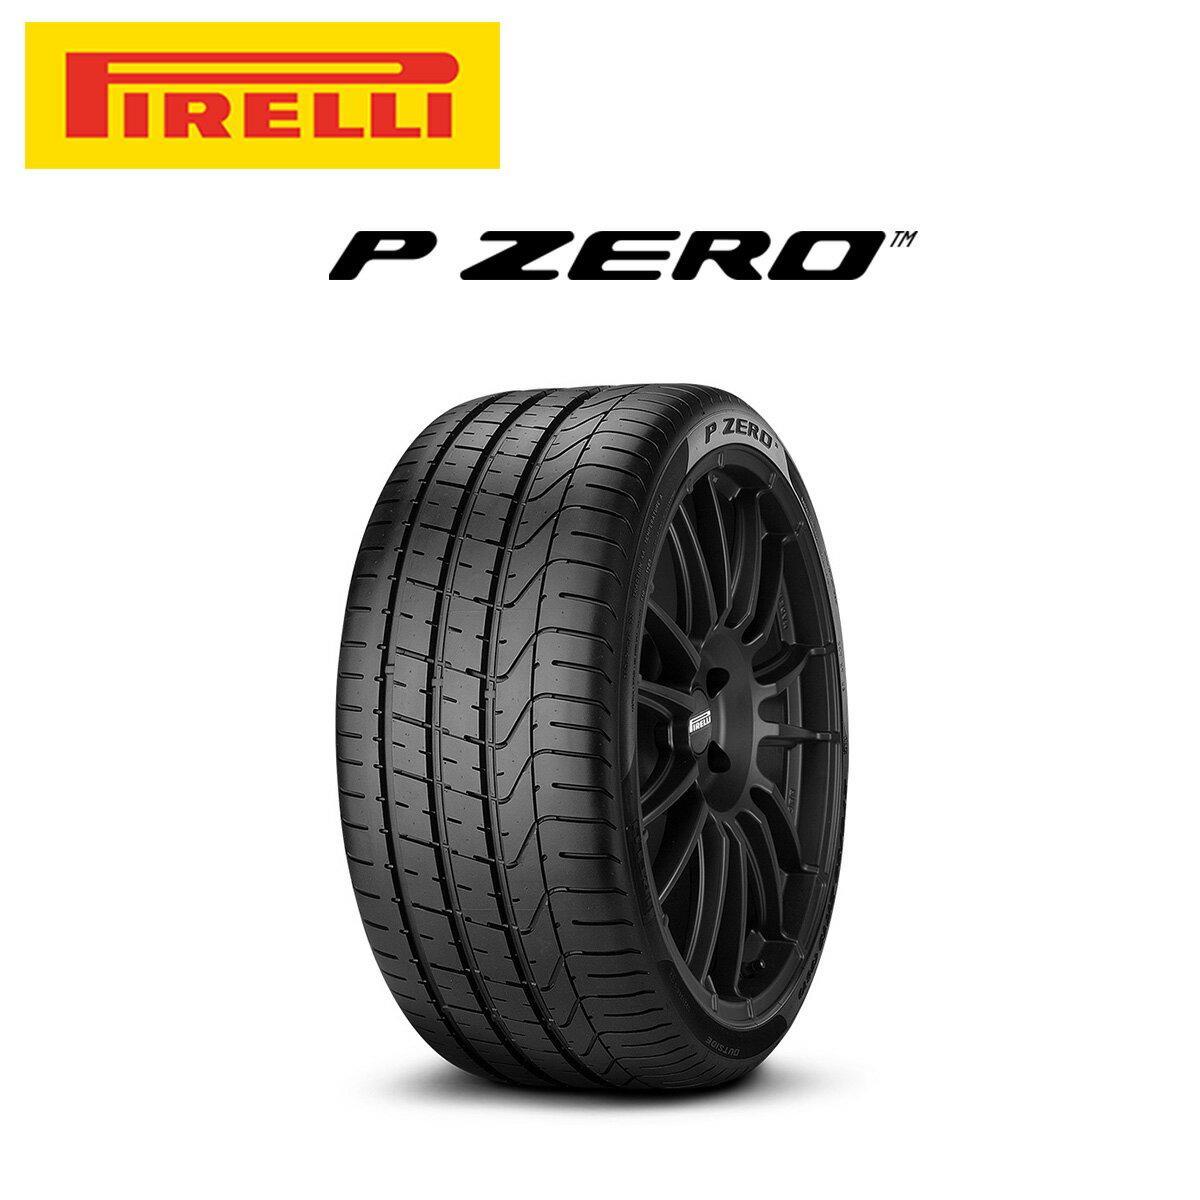 ピレリ PIRELLI P ZERO ピーゼロ 20インチ サマー タイヤ 4本 セット 295/35ZR20 105Y XL F:フェラーリ承認タイヤ 2103800